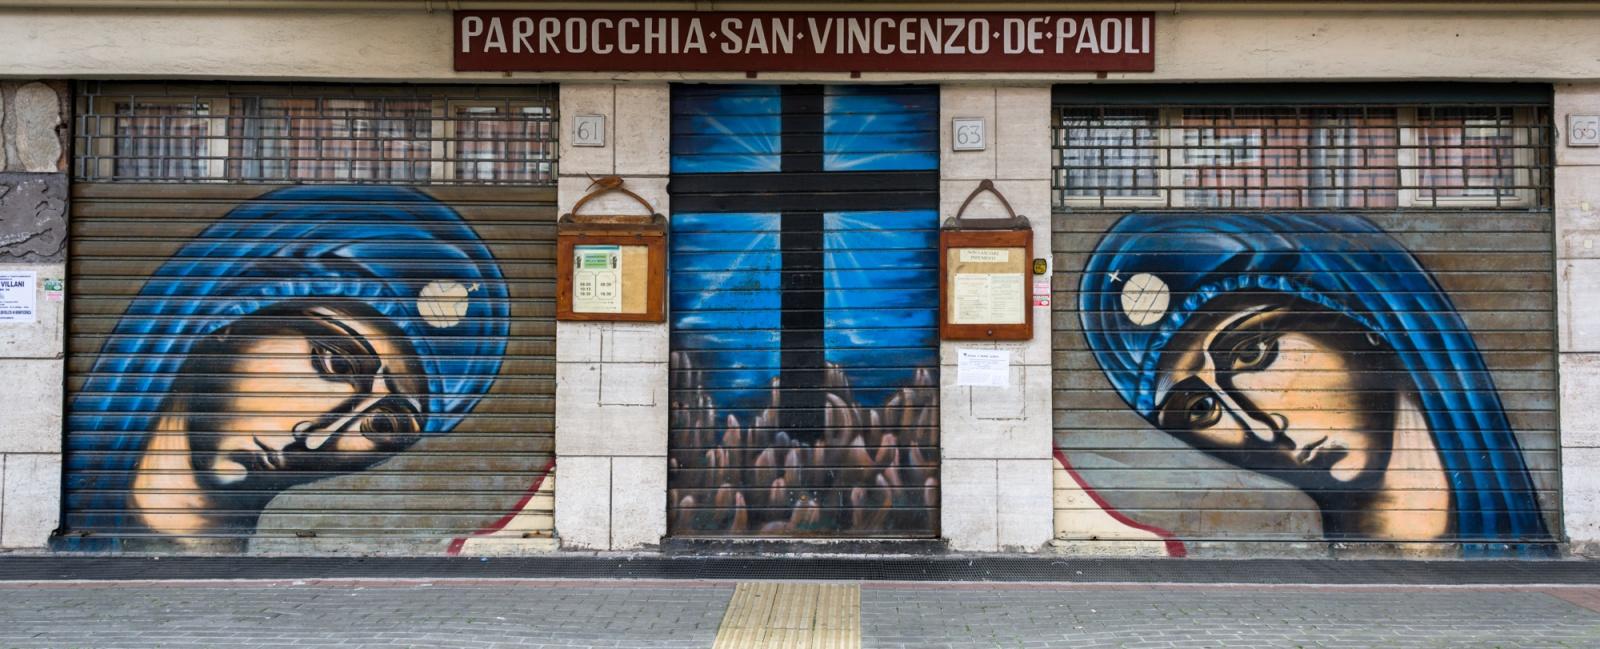 Icone bizantine (le due Maria e con la porta della chiesa con una croce sulla roccia), Autore: MrKlevra